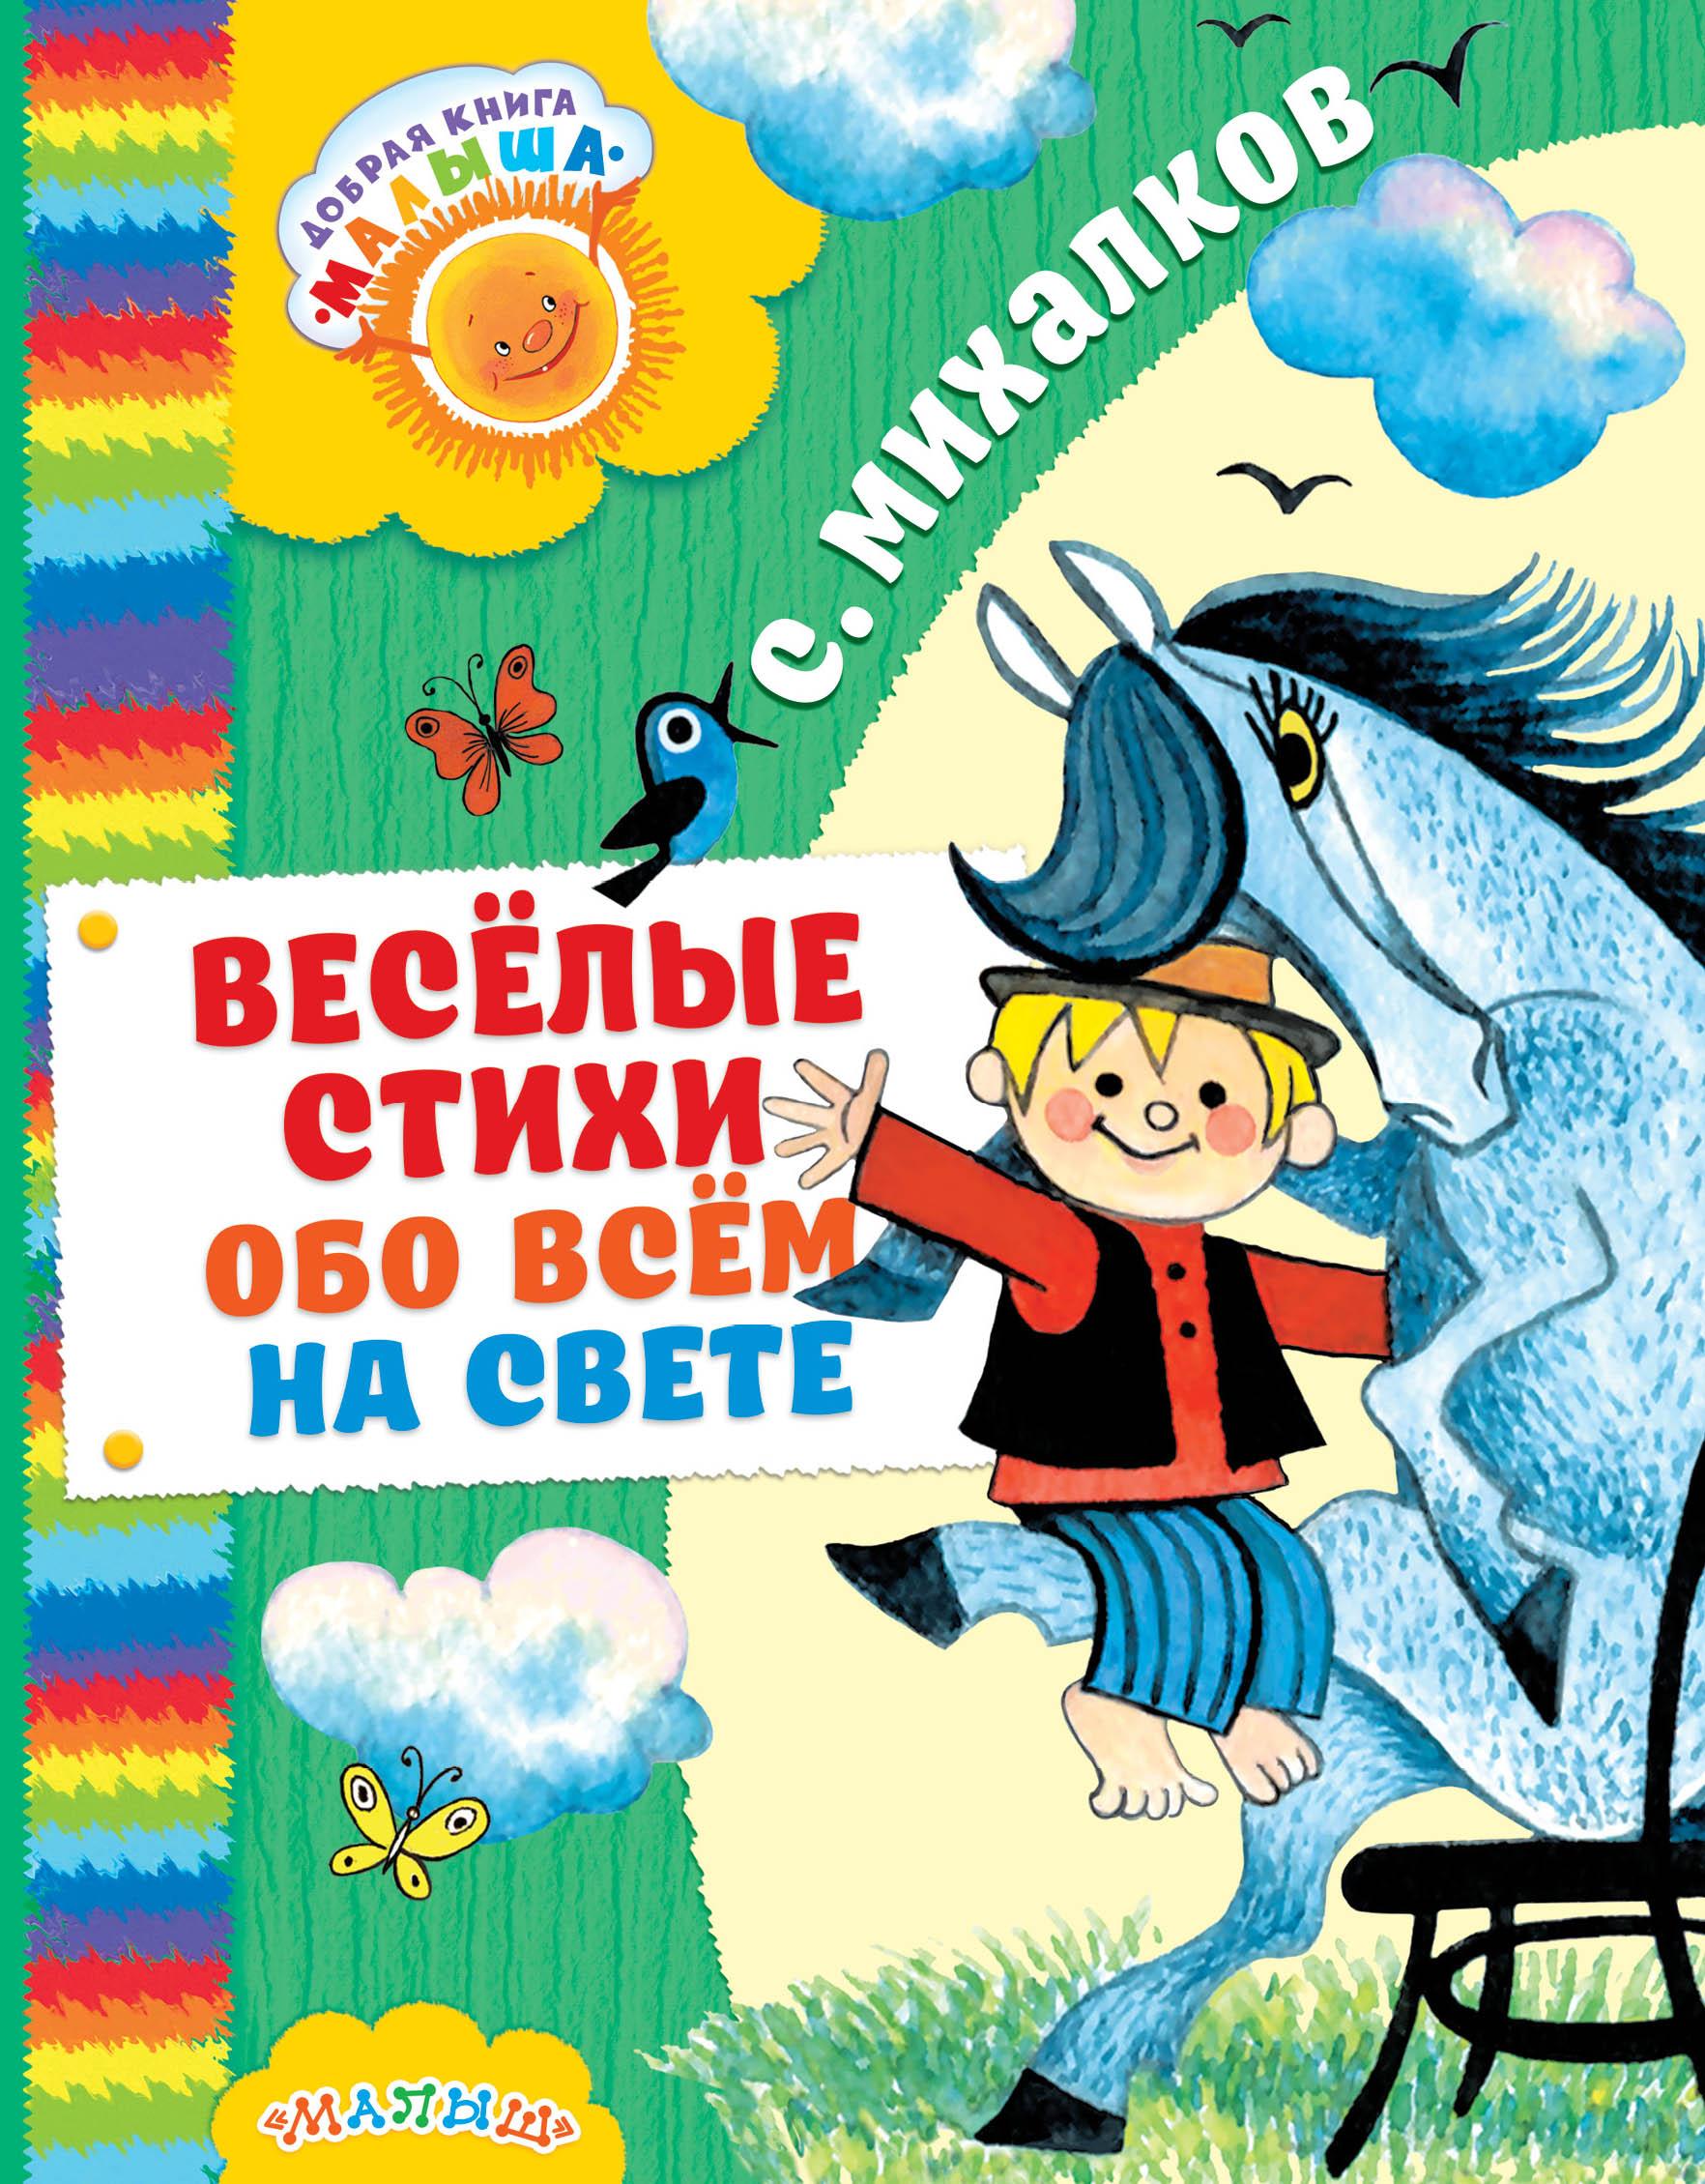 Михалков С.В. Весёлые стихи обо всём на свете сергей михалков стихи друзей